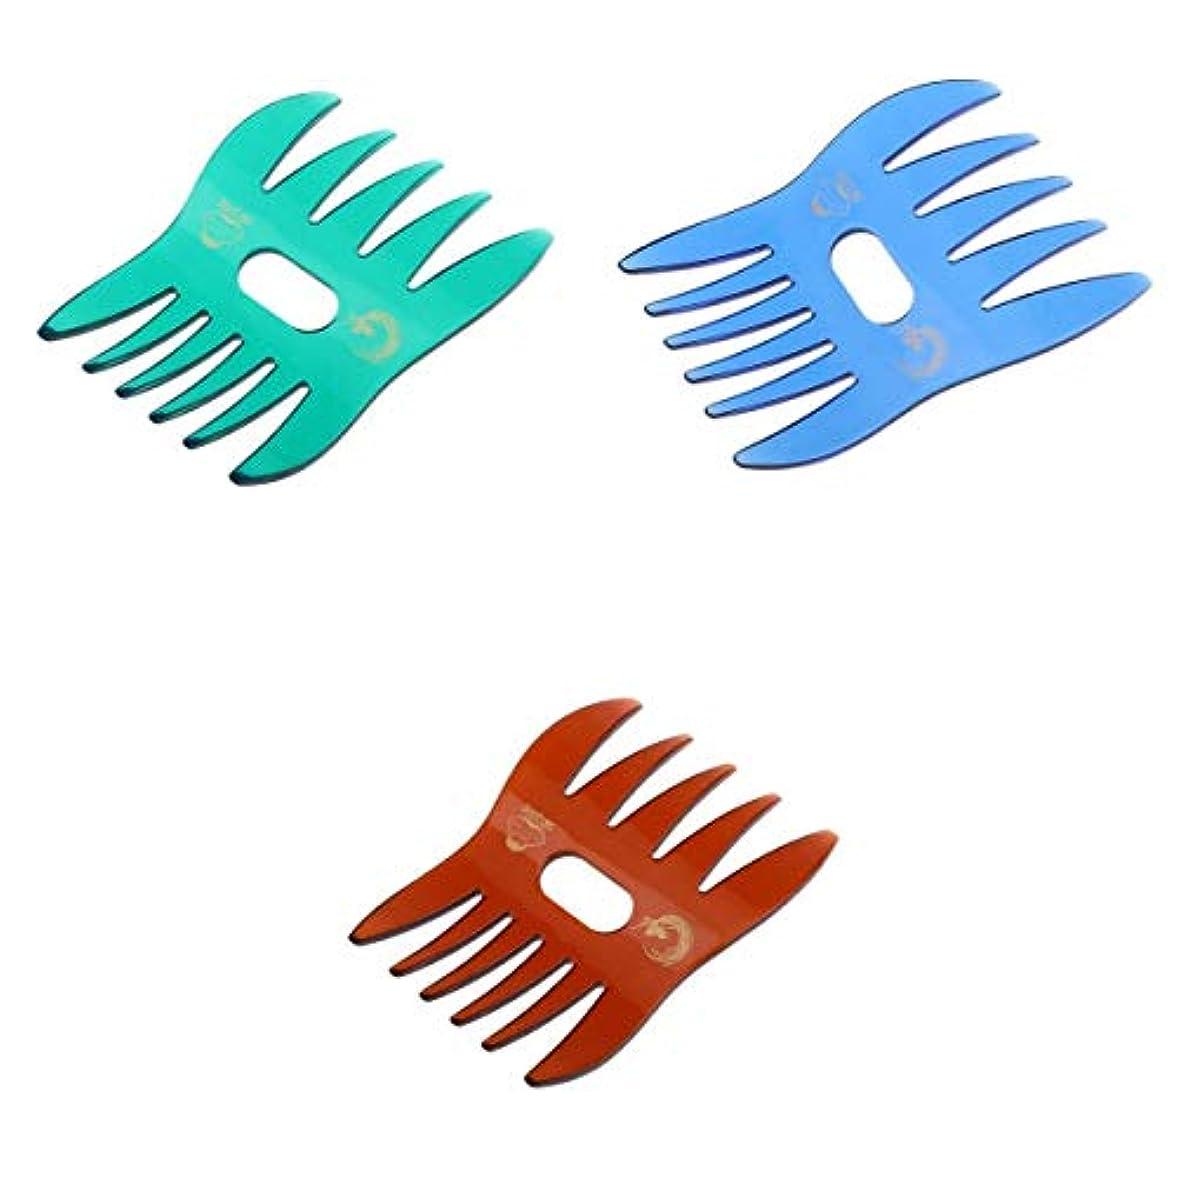 脚本蓄積するマニアック櫛 ヘアコーム コーム ヘア櫛 静電気防止 粗歯 頭皮マッサージ オイルヘアスタイル